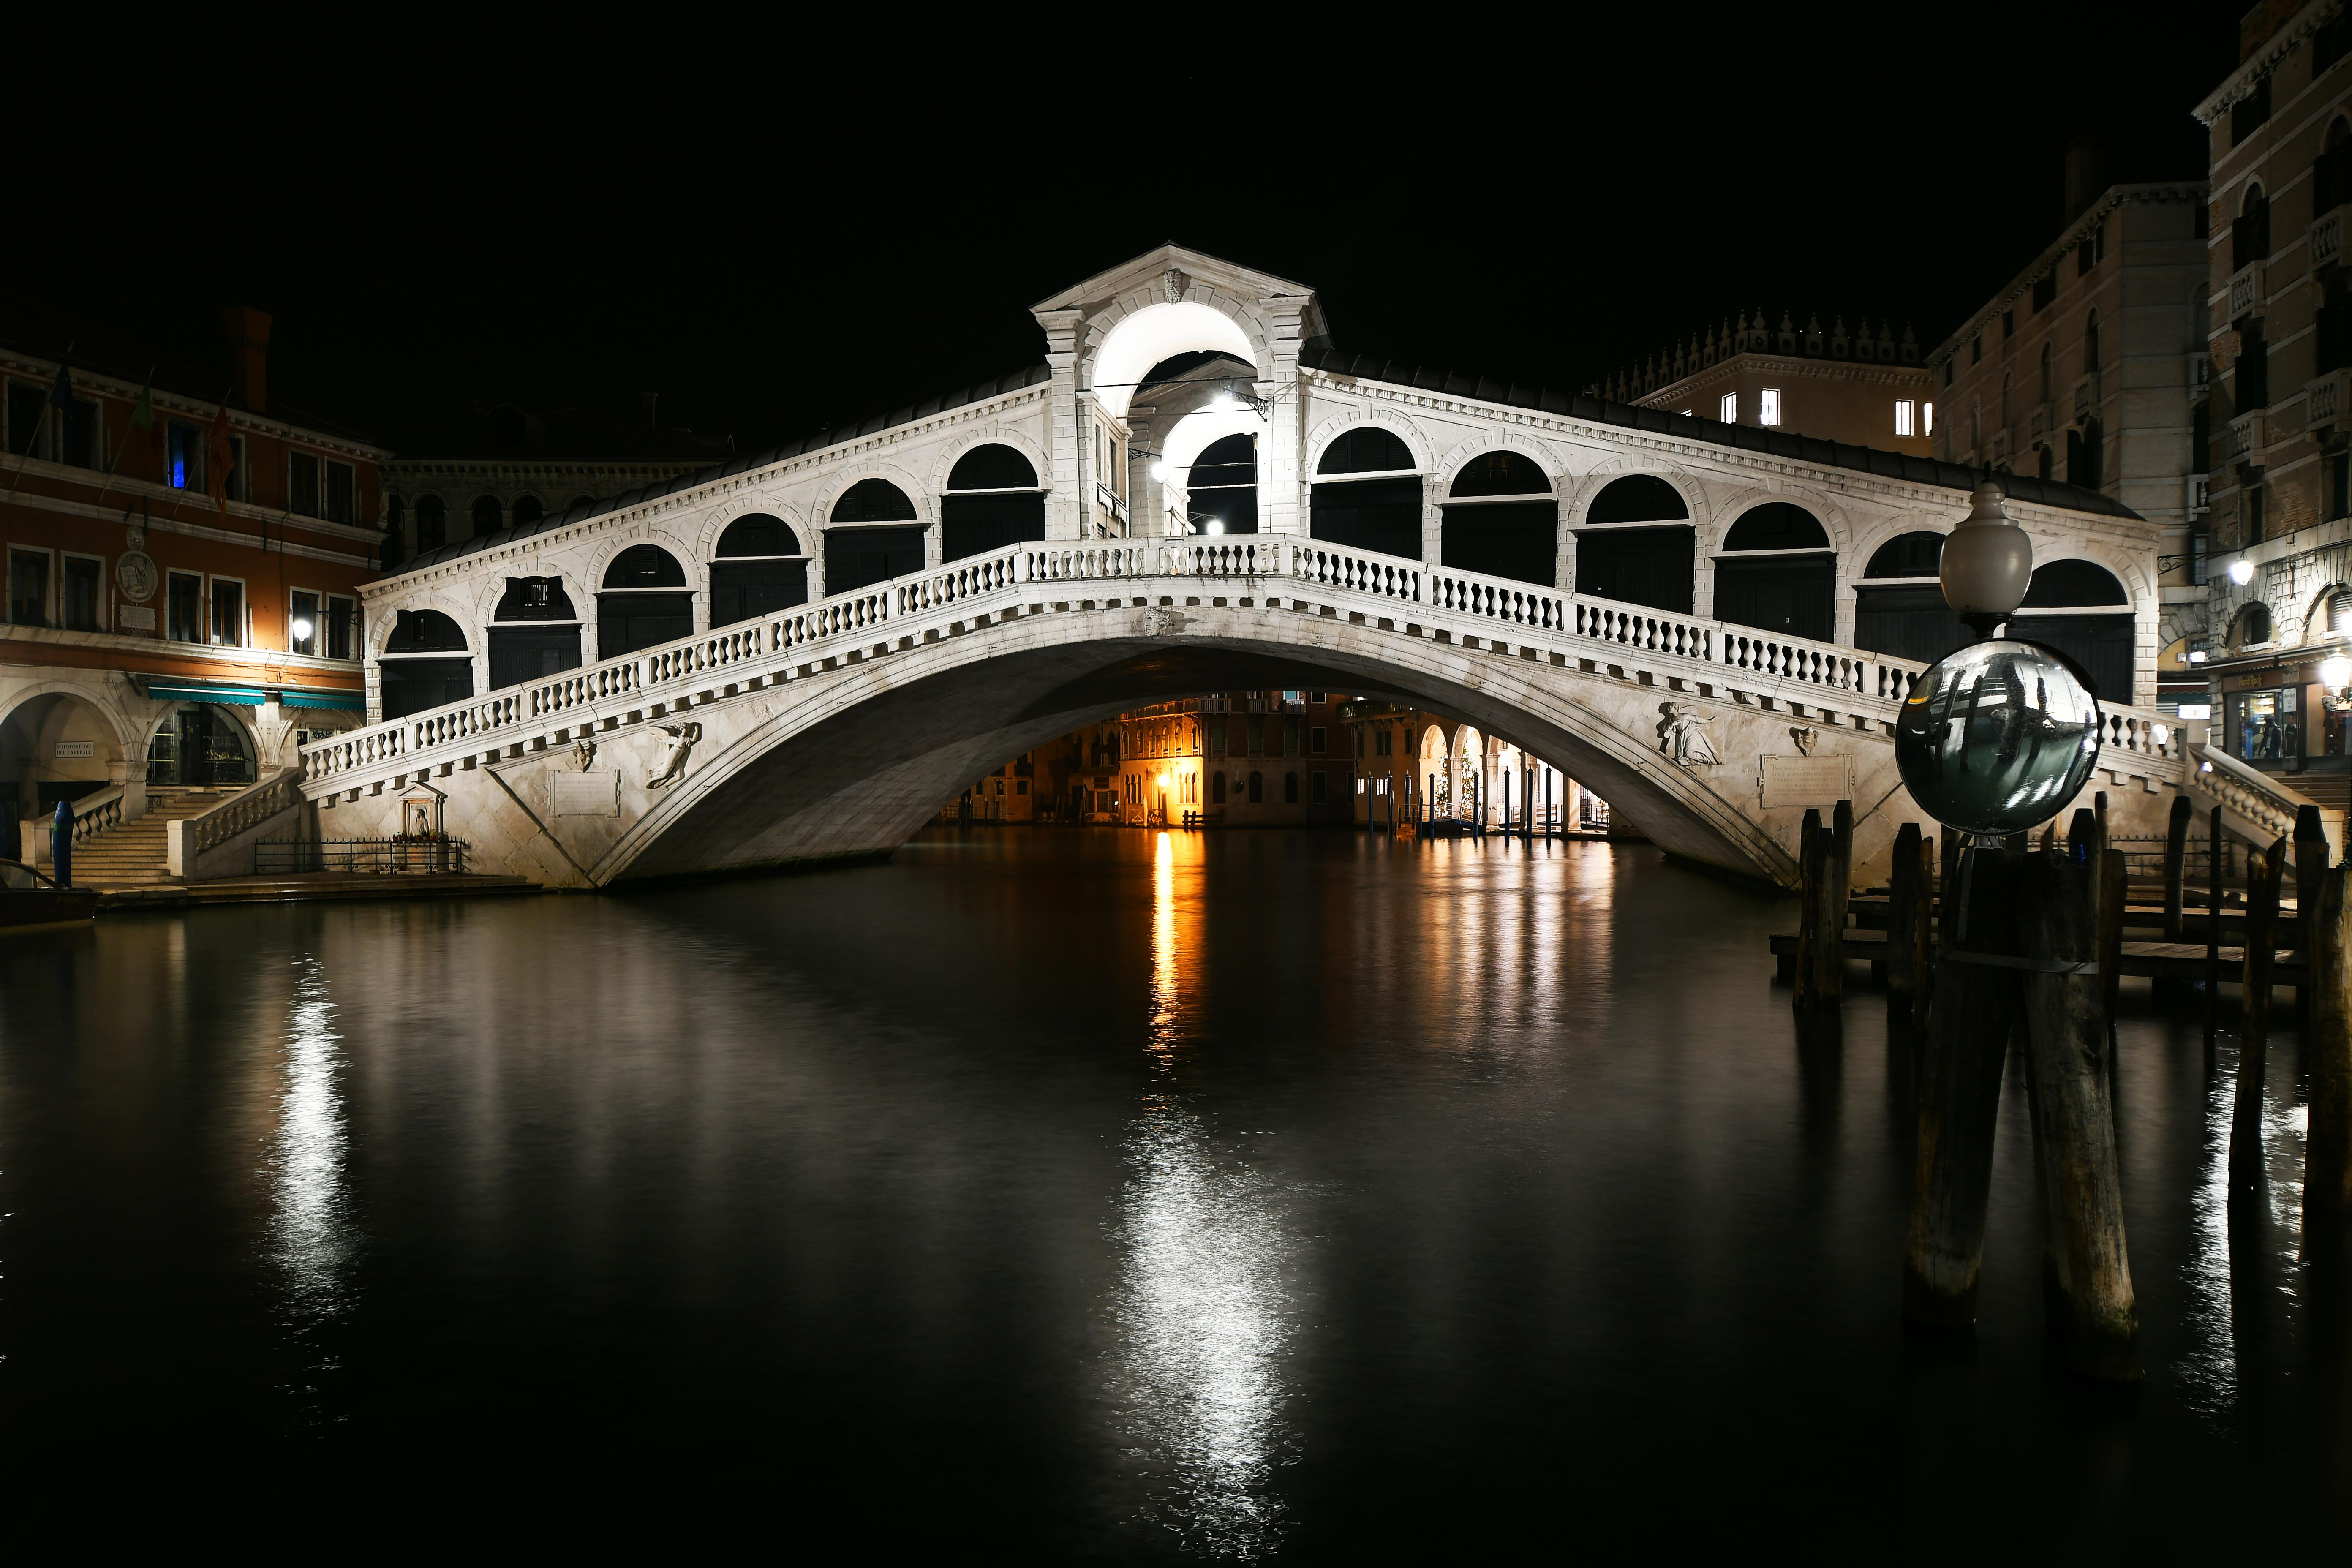 Венеция. Мост Риальто. Ночь. Источник иллюстрации: Викимедиа